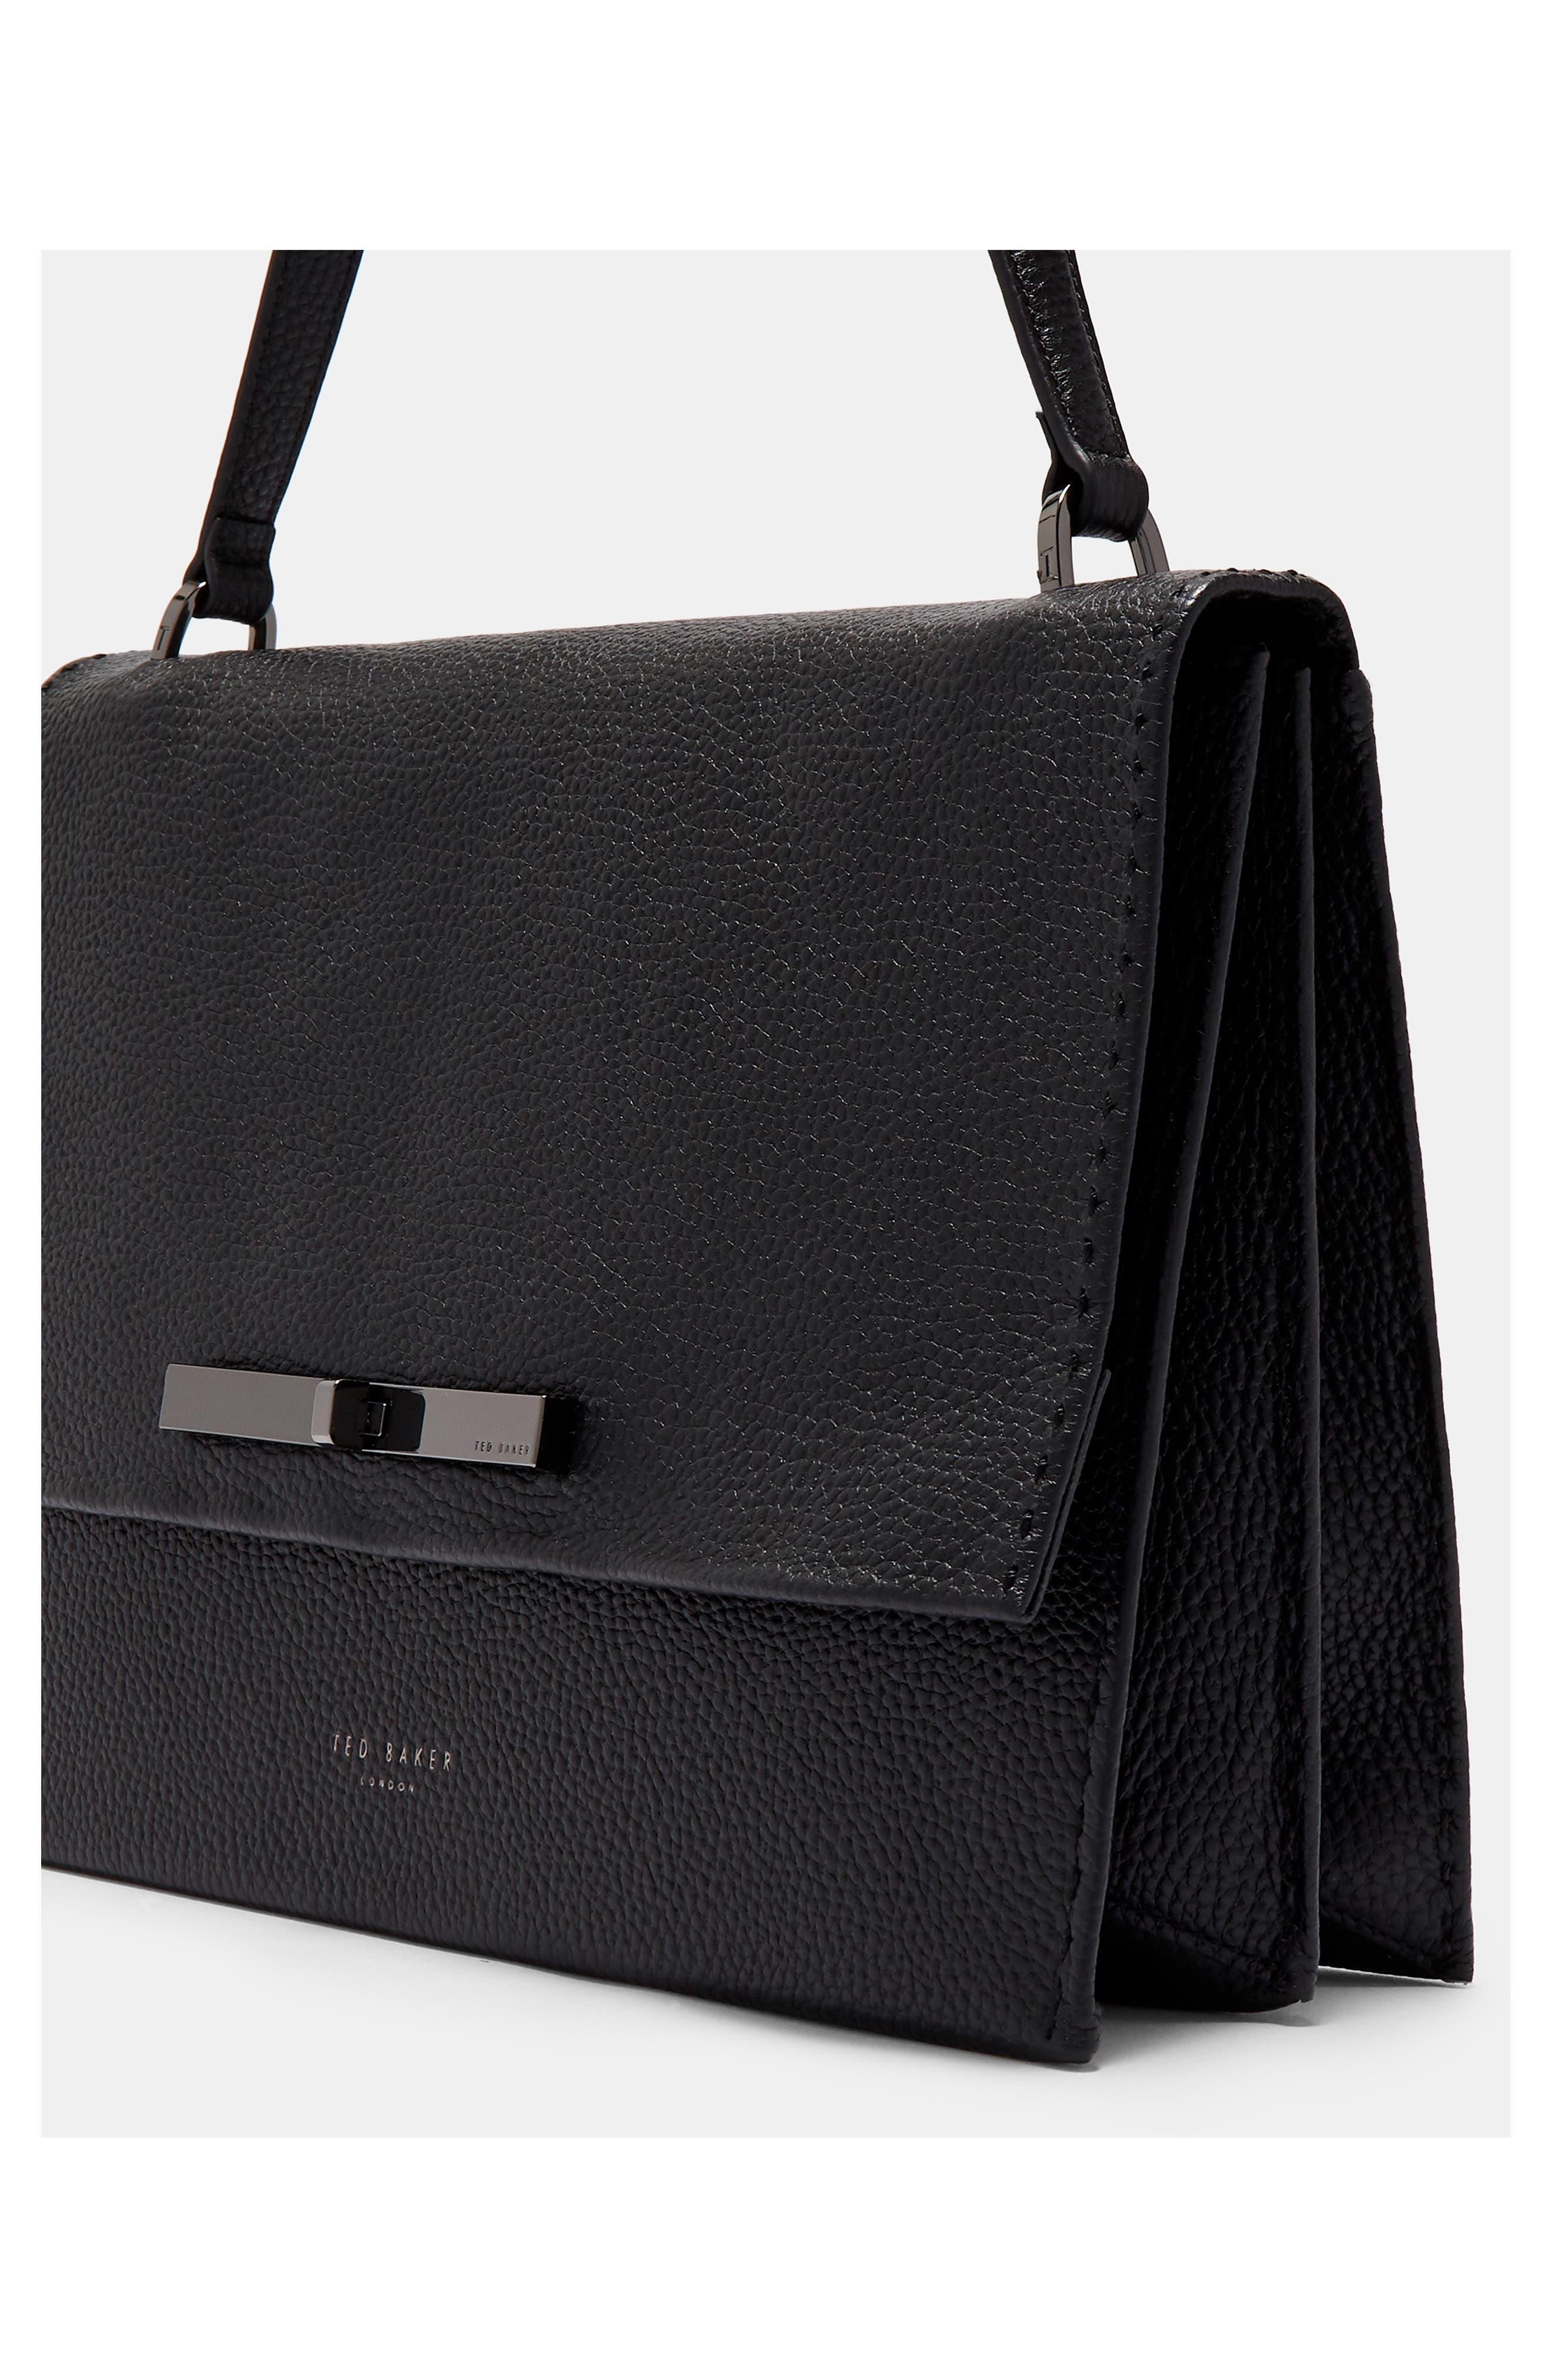 Jessi Leather Shoulder Bag,                             Alternate thumbnail 5, color,                             BLACK